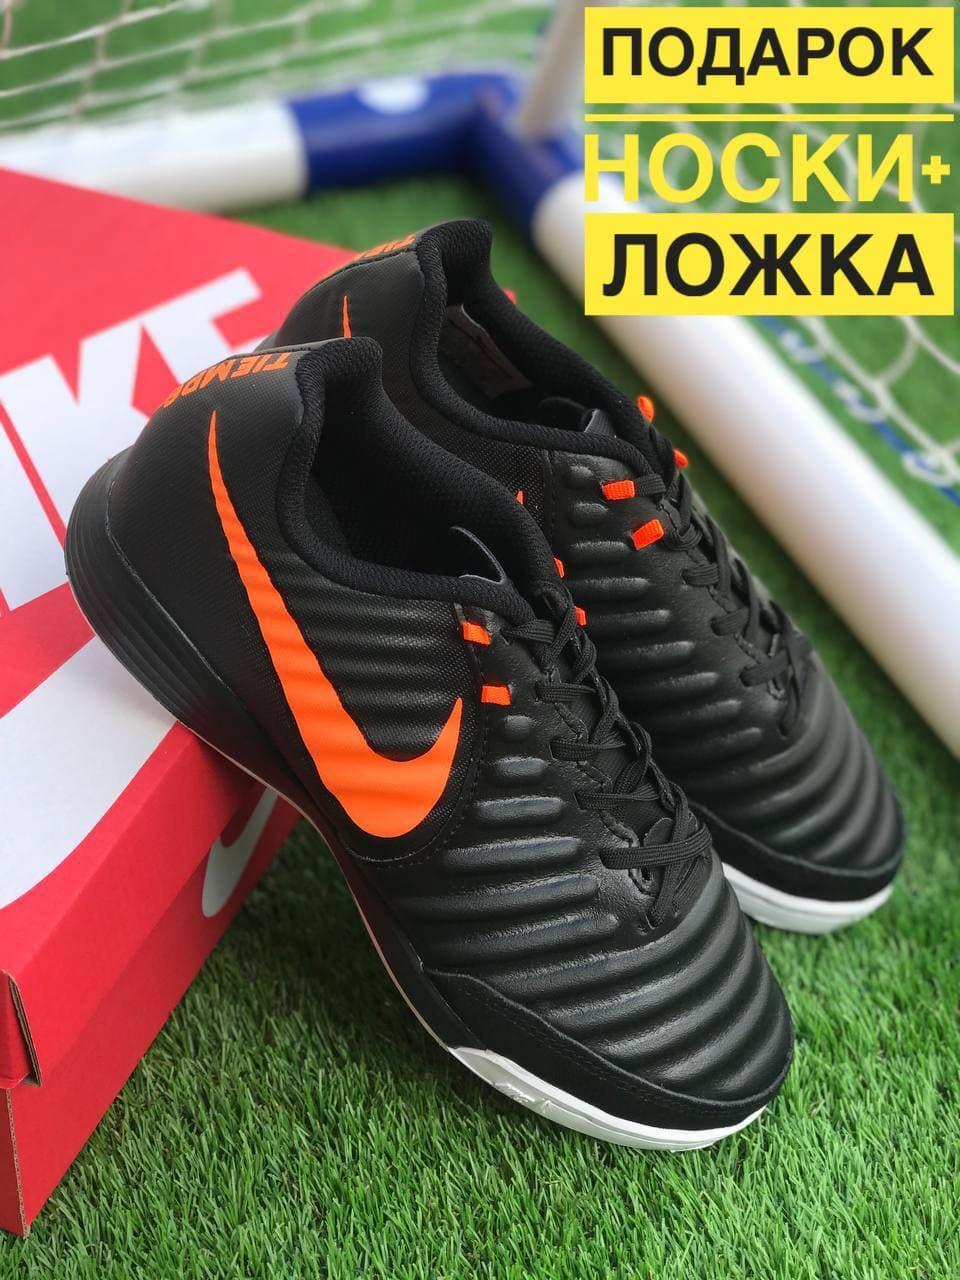 Футбольные Футзалки Nike Tiempo бампы найк темпо футбольная обувь для спорта